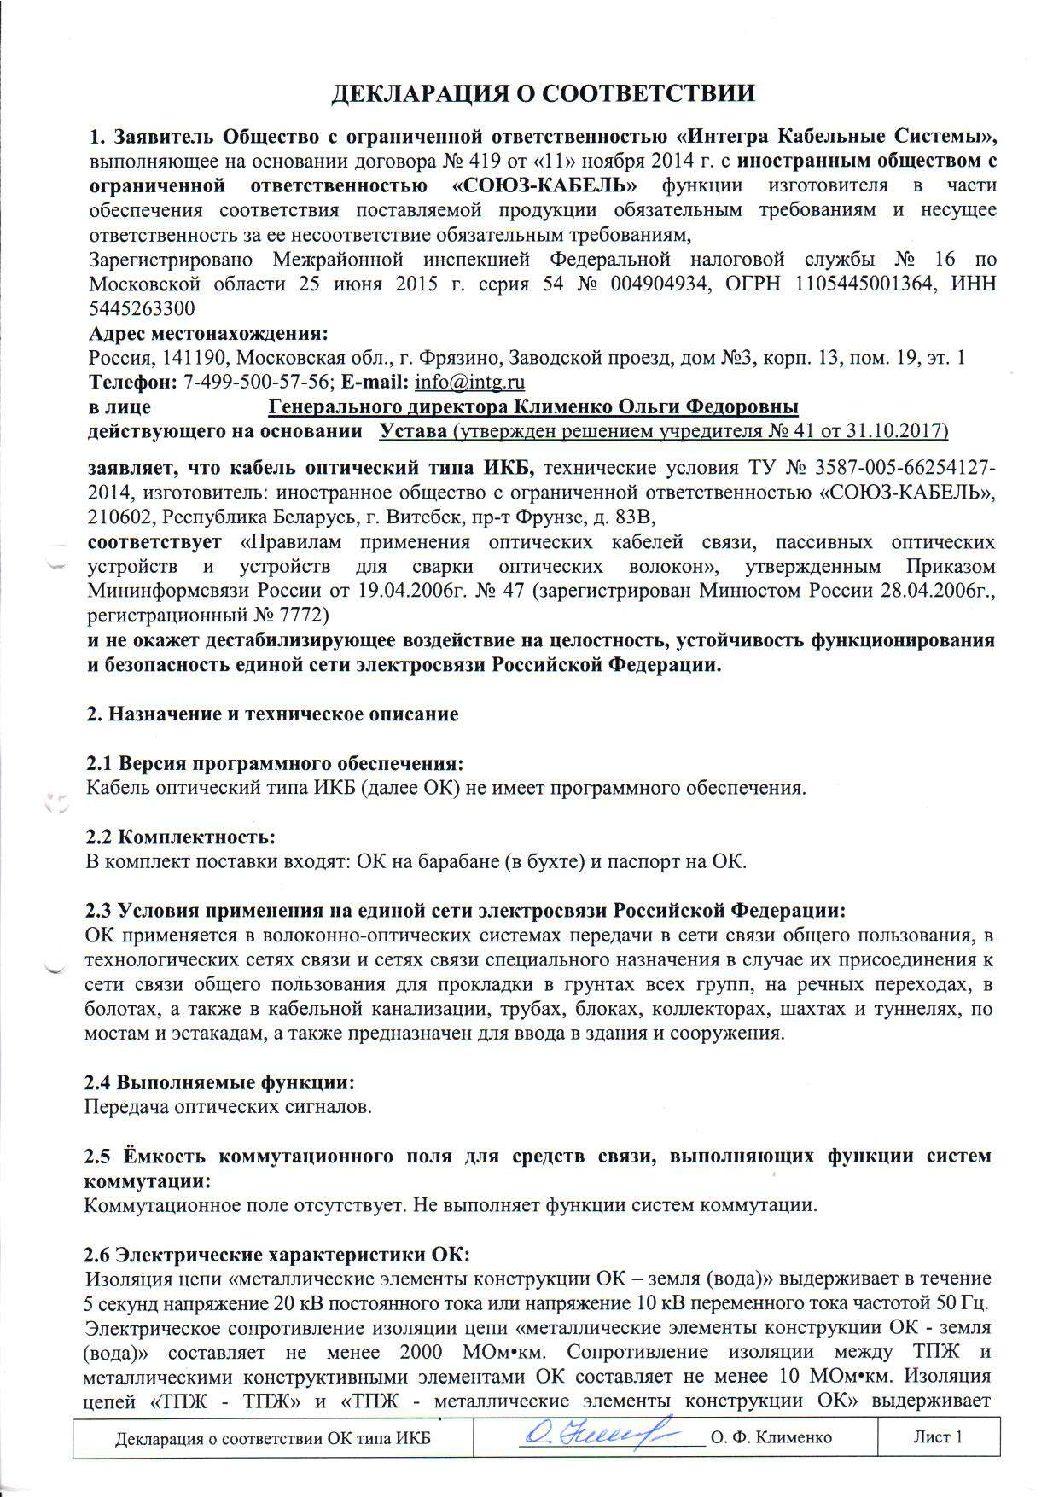 Декларация о соответствии ИКБ